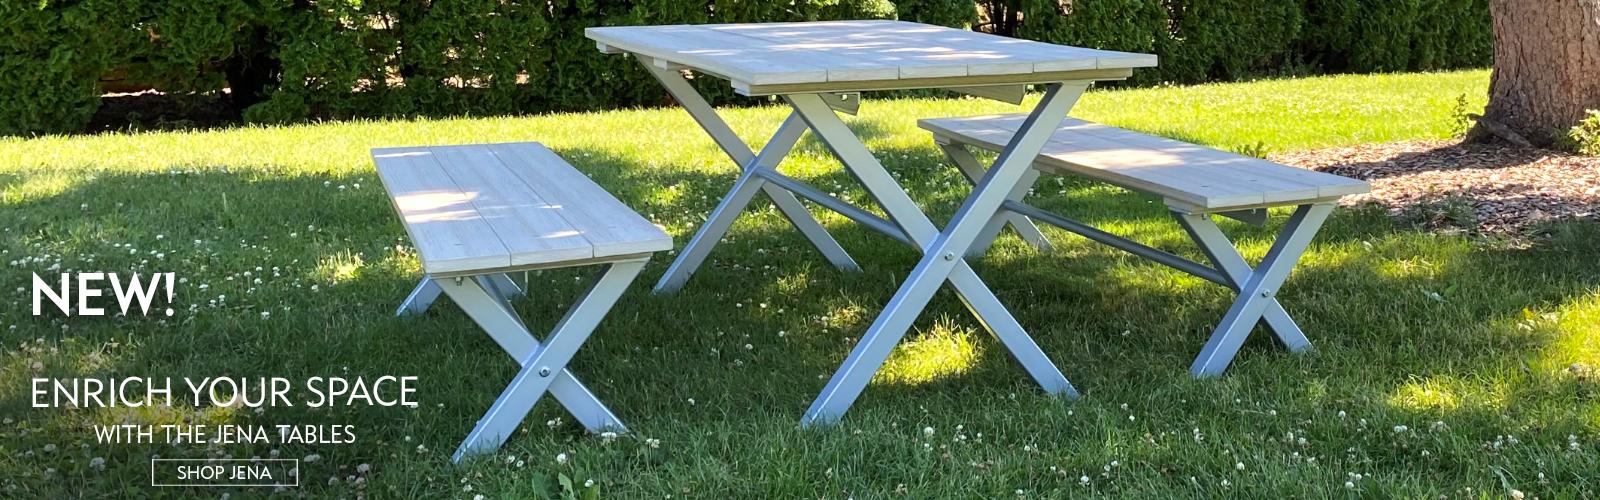 Thomas Steele Jena Table